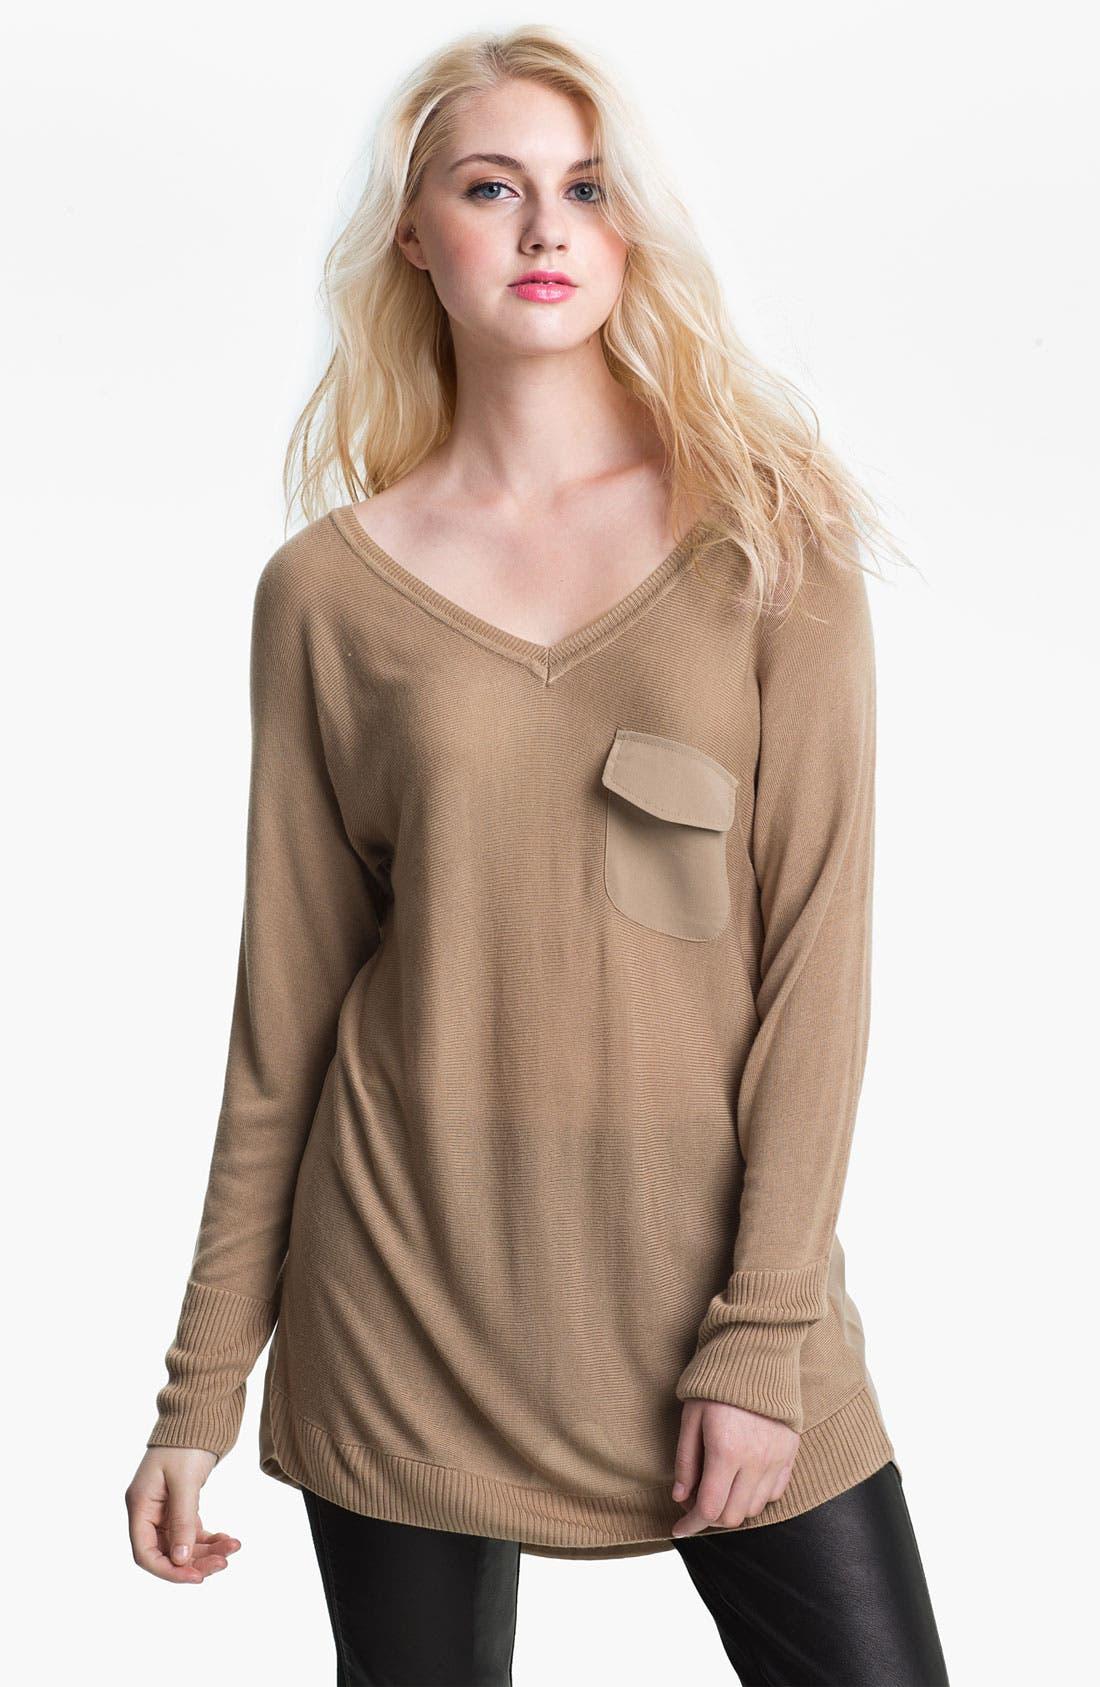 Main Image - Max & Mia V-Neck Chiffon Back Sweater